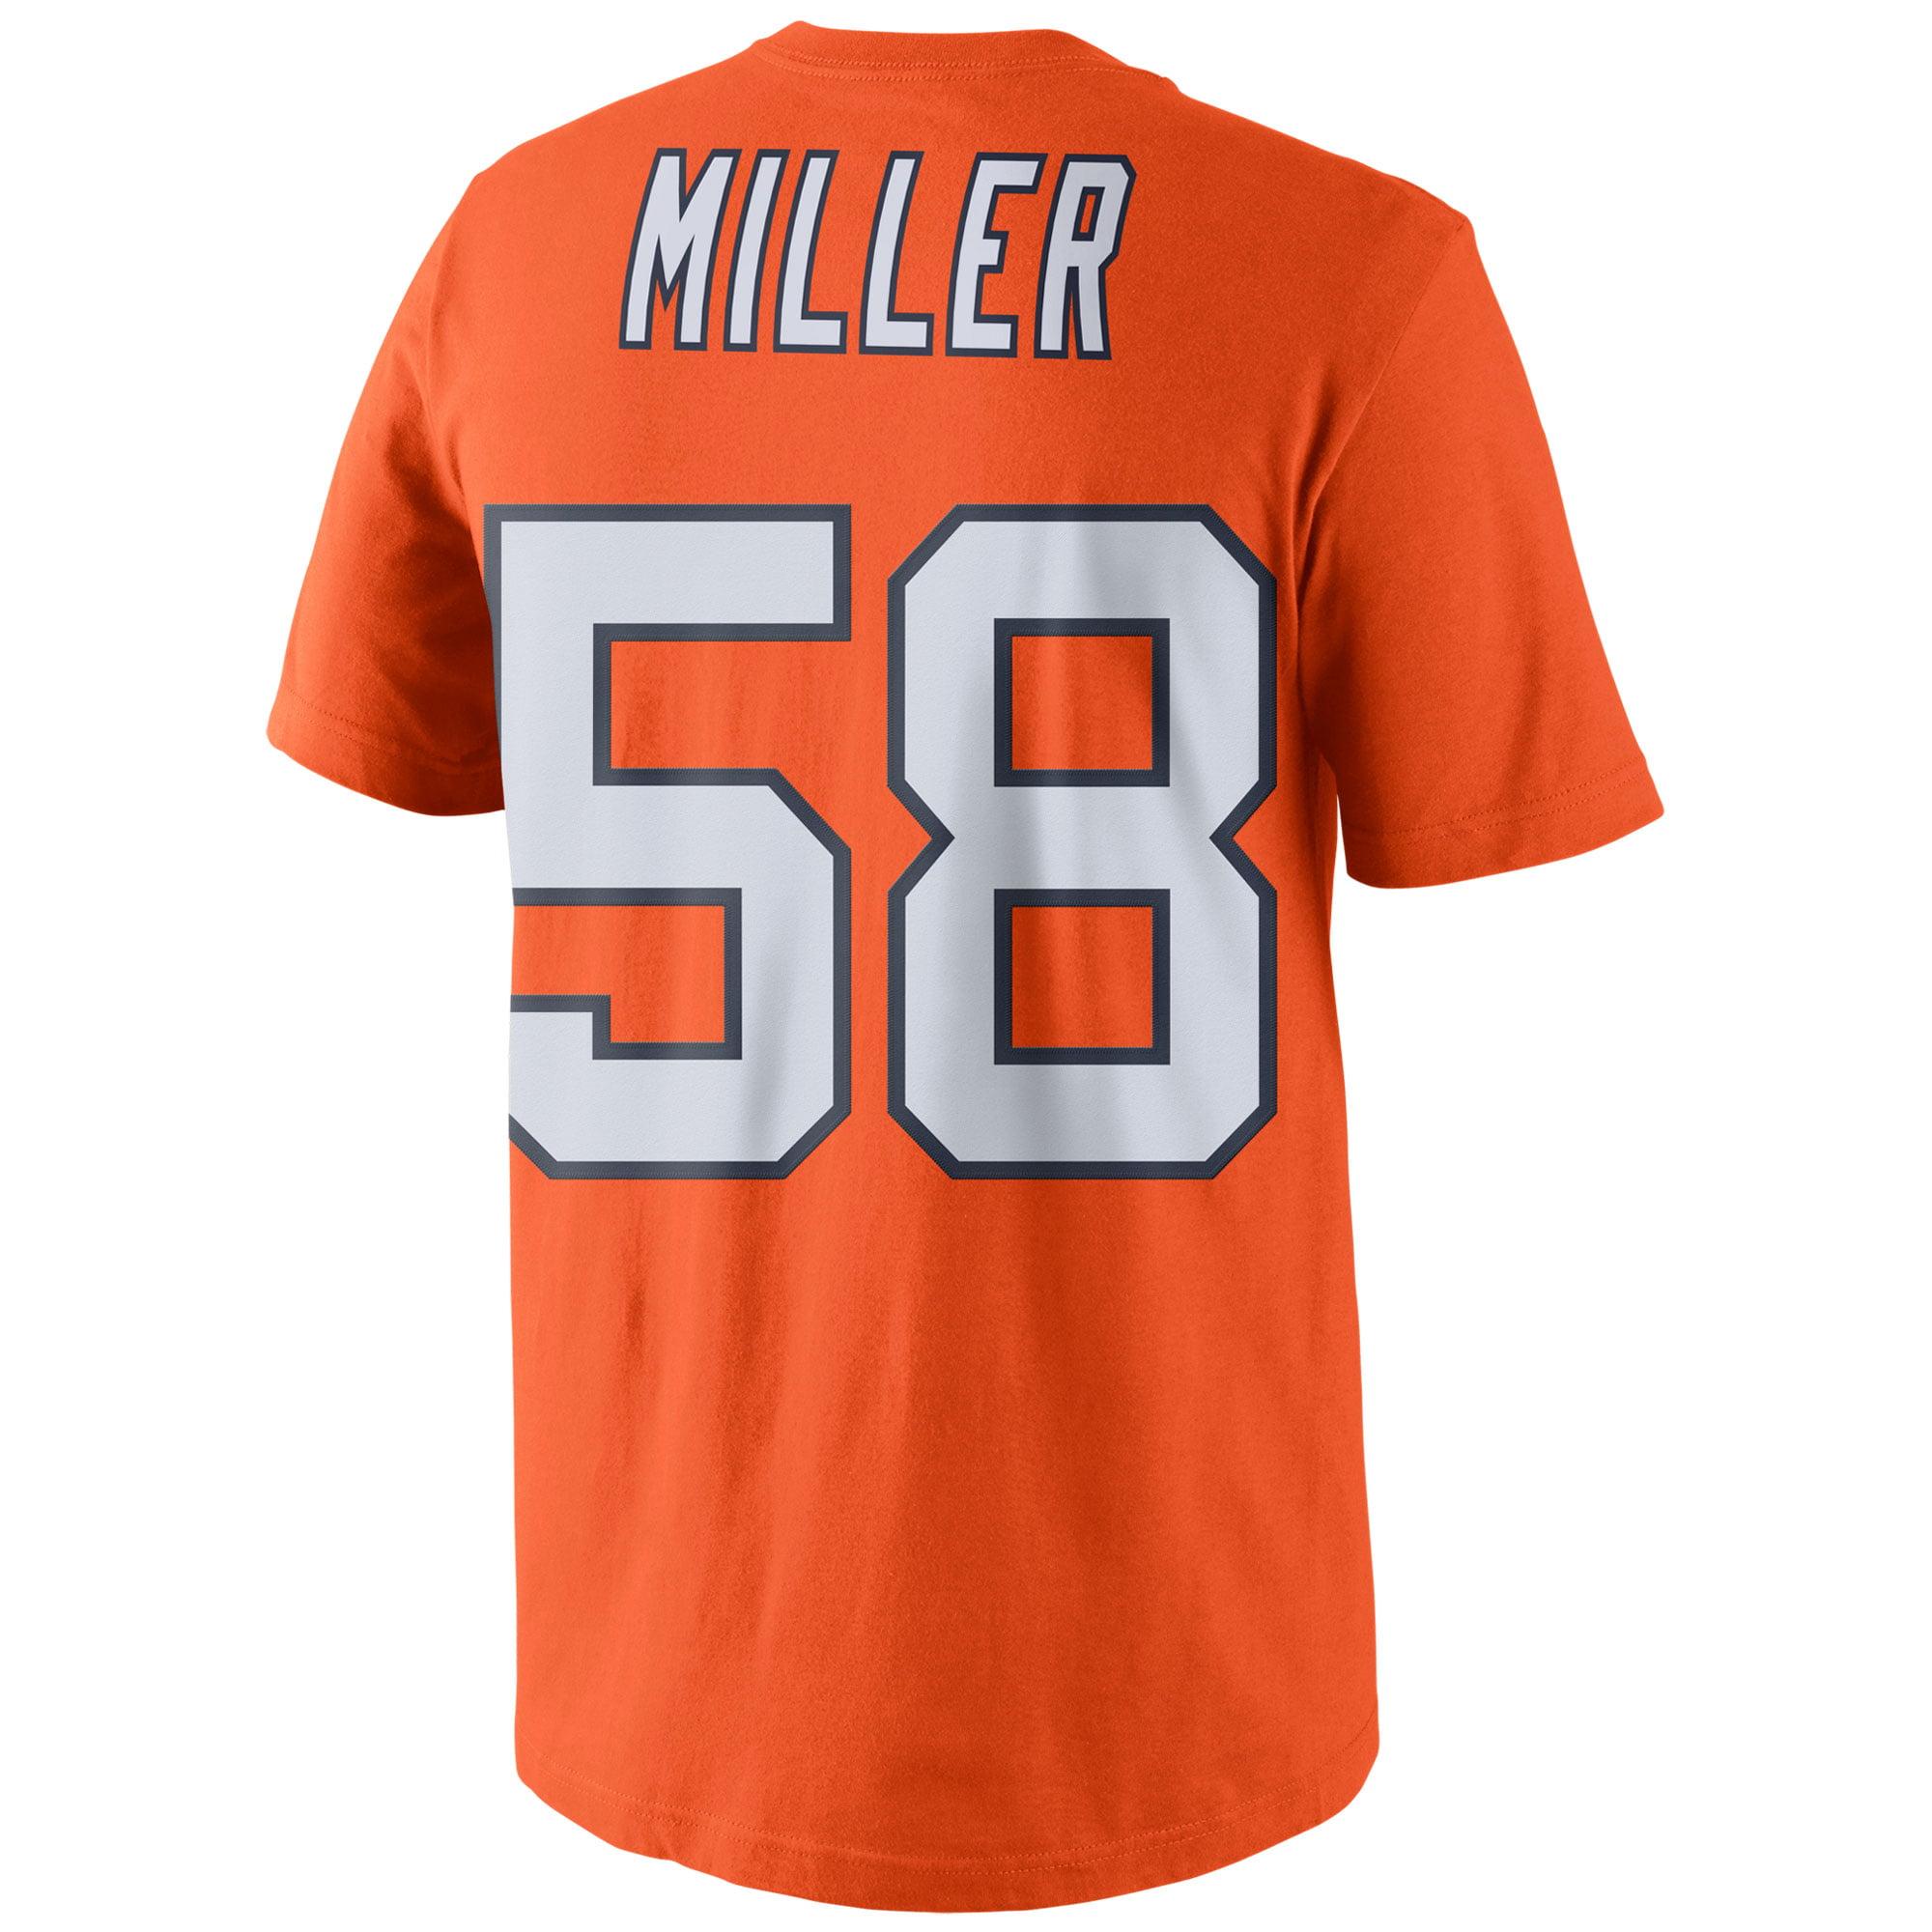 d1bcbf442 Von Miller Denver Broncos Nike Color Rush Player Pride Name   Number T-Shirt  - Orange - Walmart.com